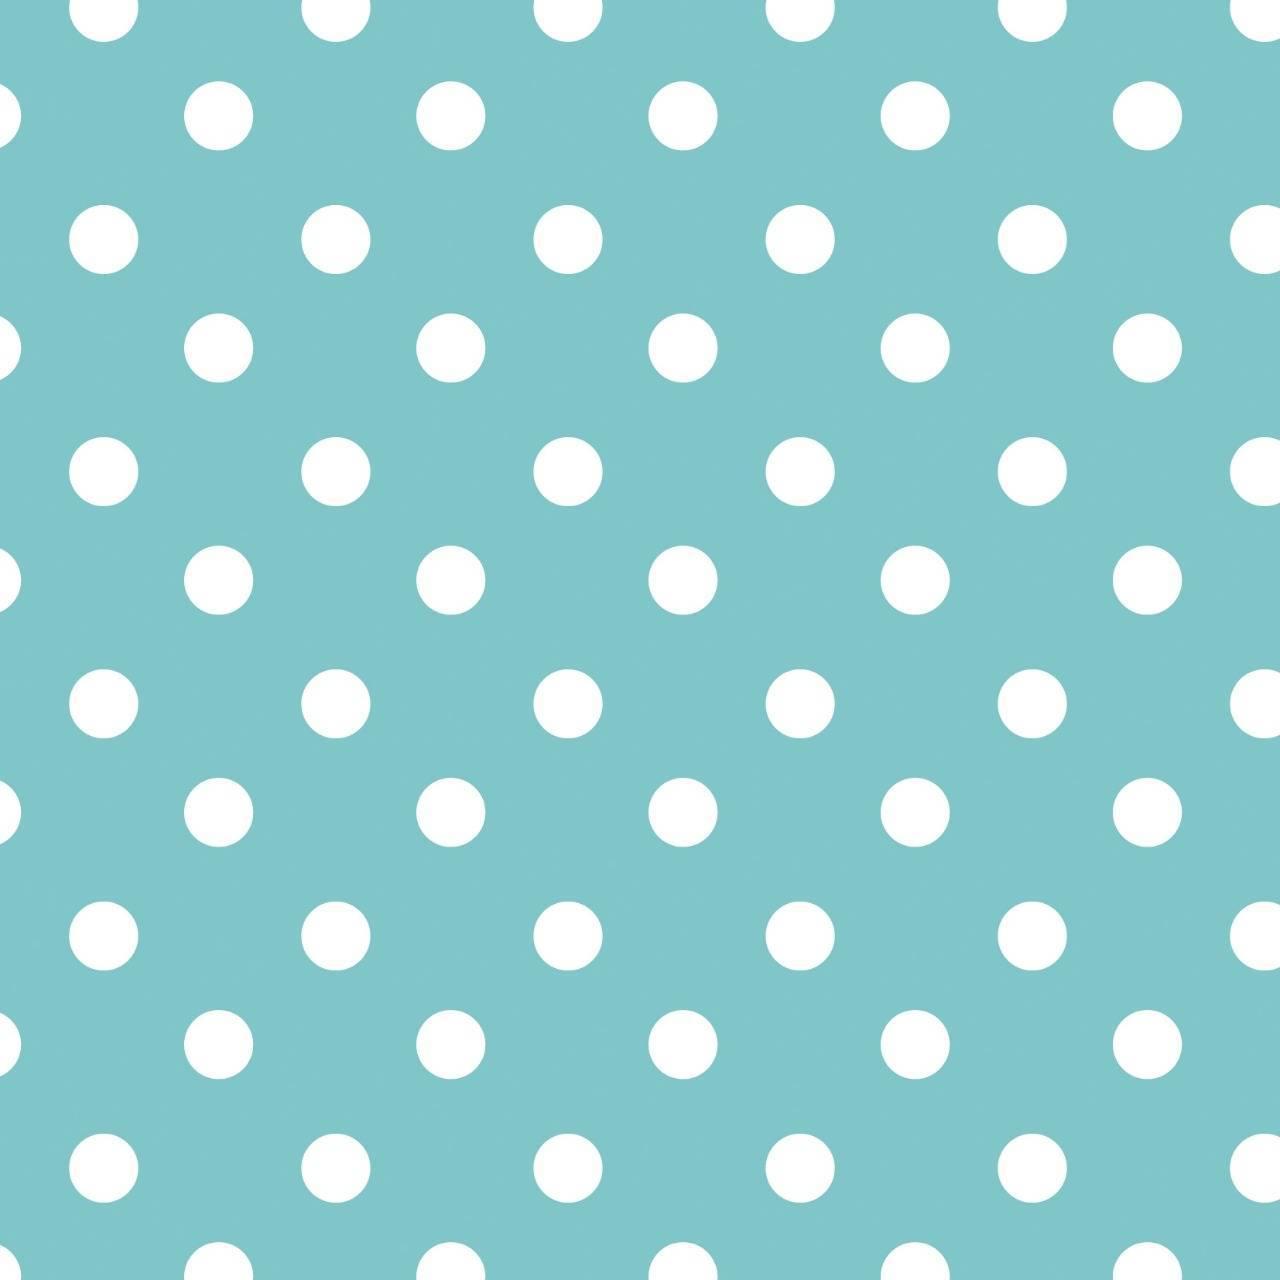 Feltro Mewi estampado poá azul Ref.F1097 - Armarinhos Nodari